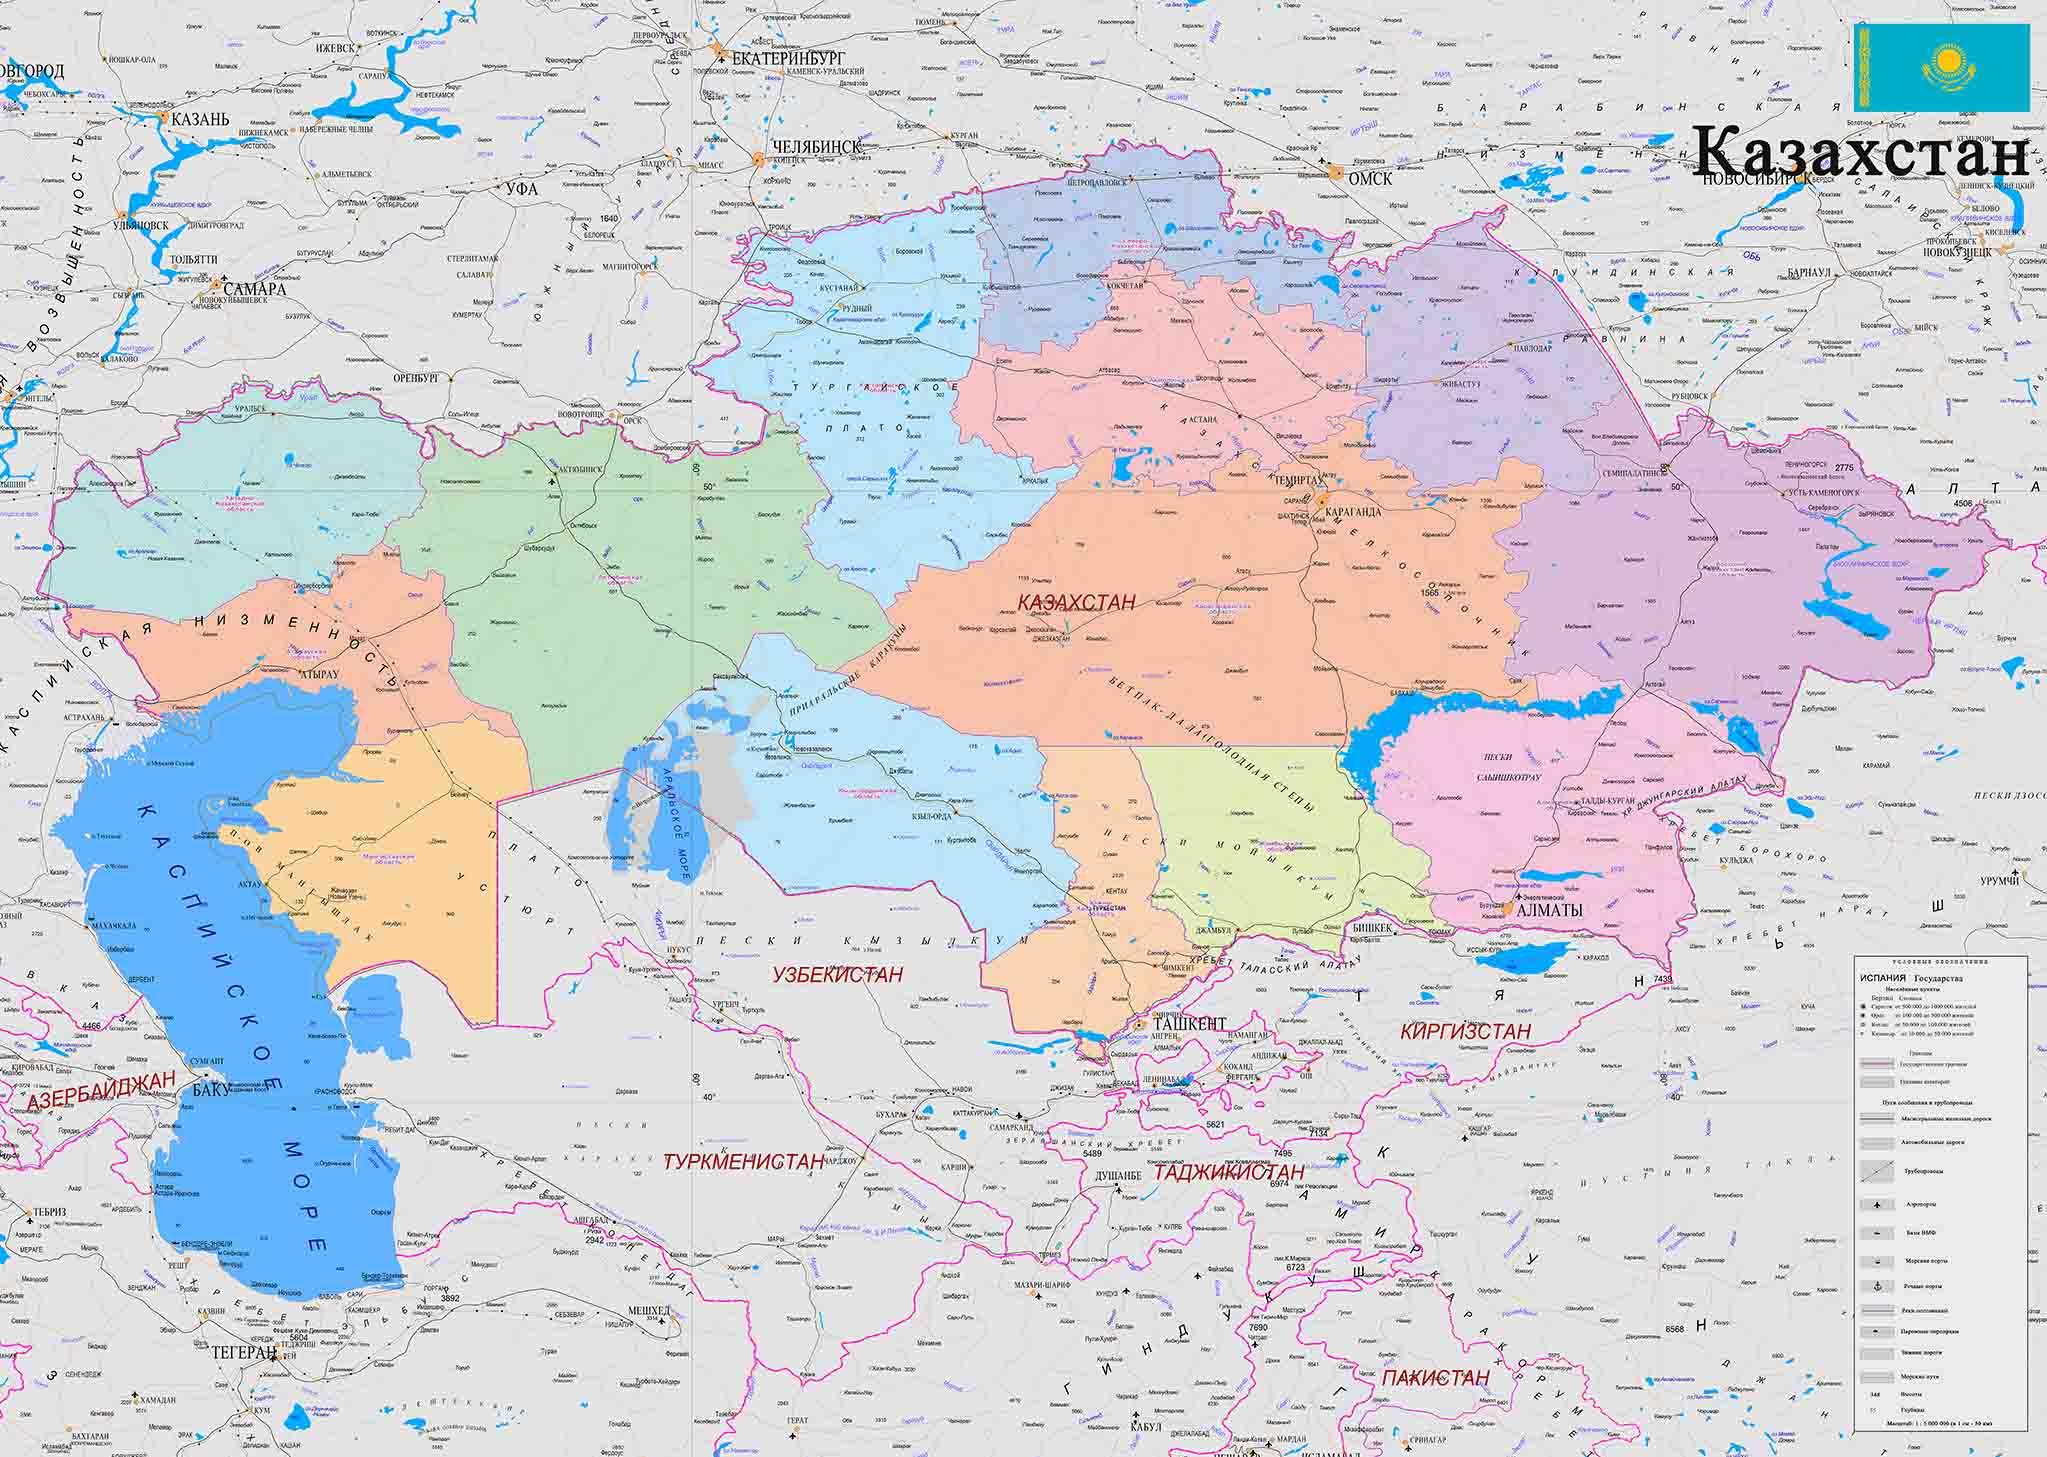 купить настенную карту Казахстана